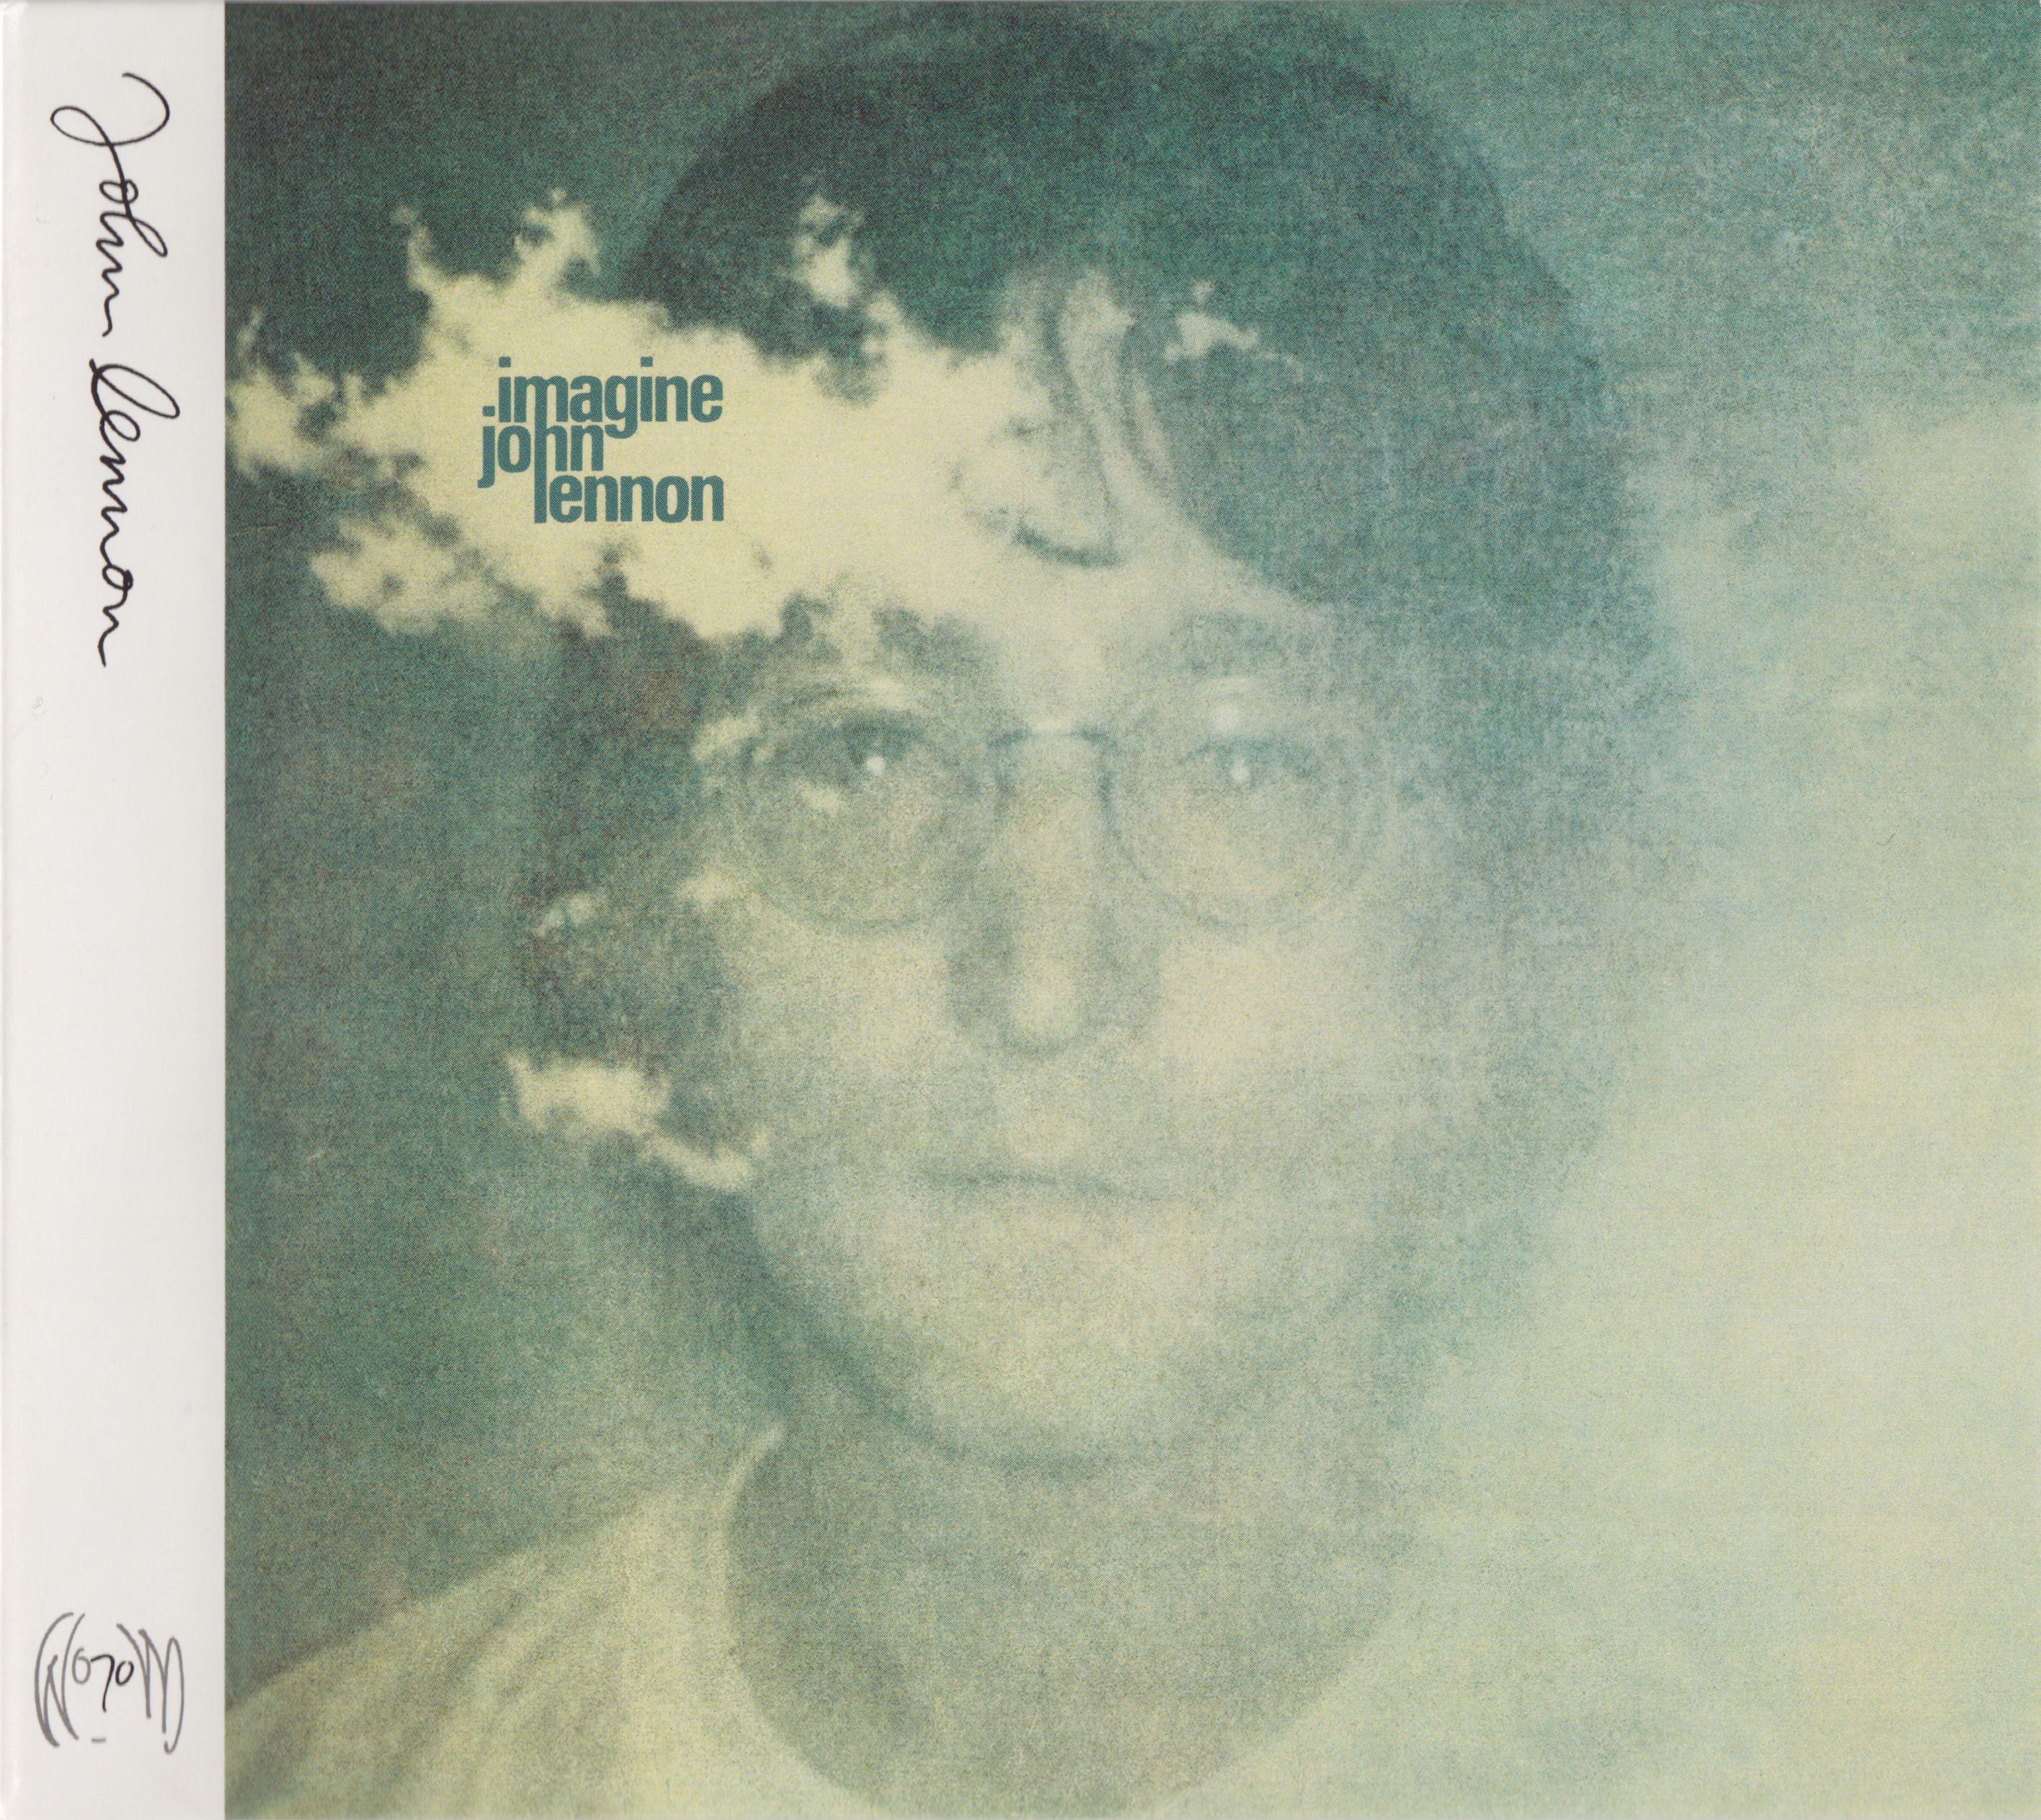 John Lennon - Imagine album cover